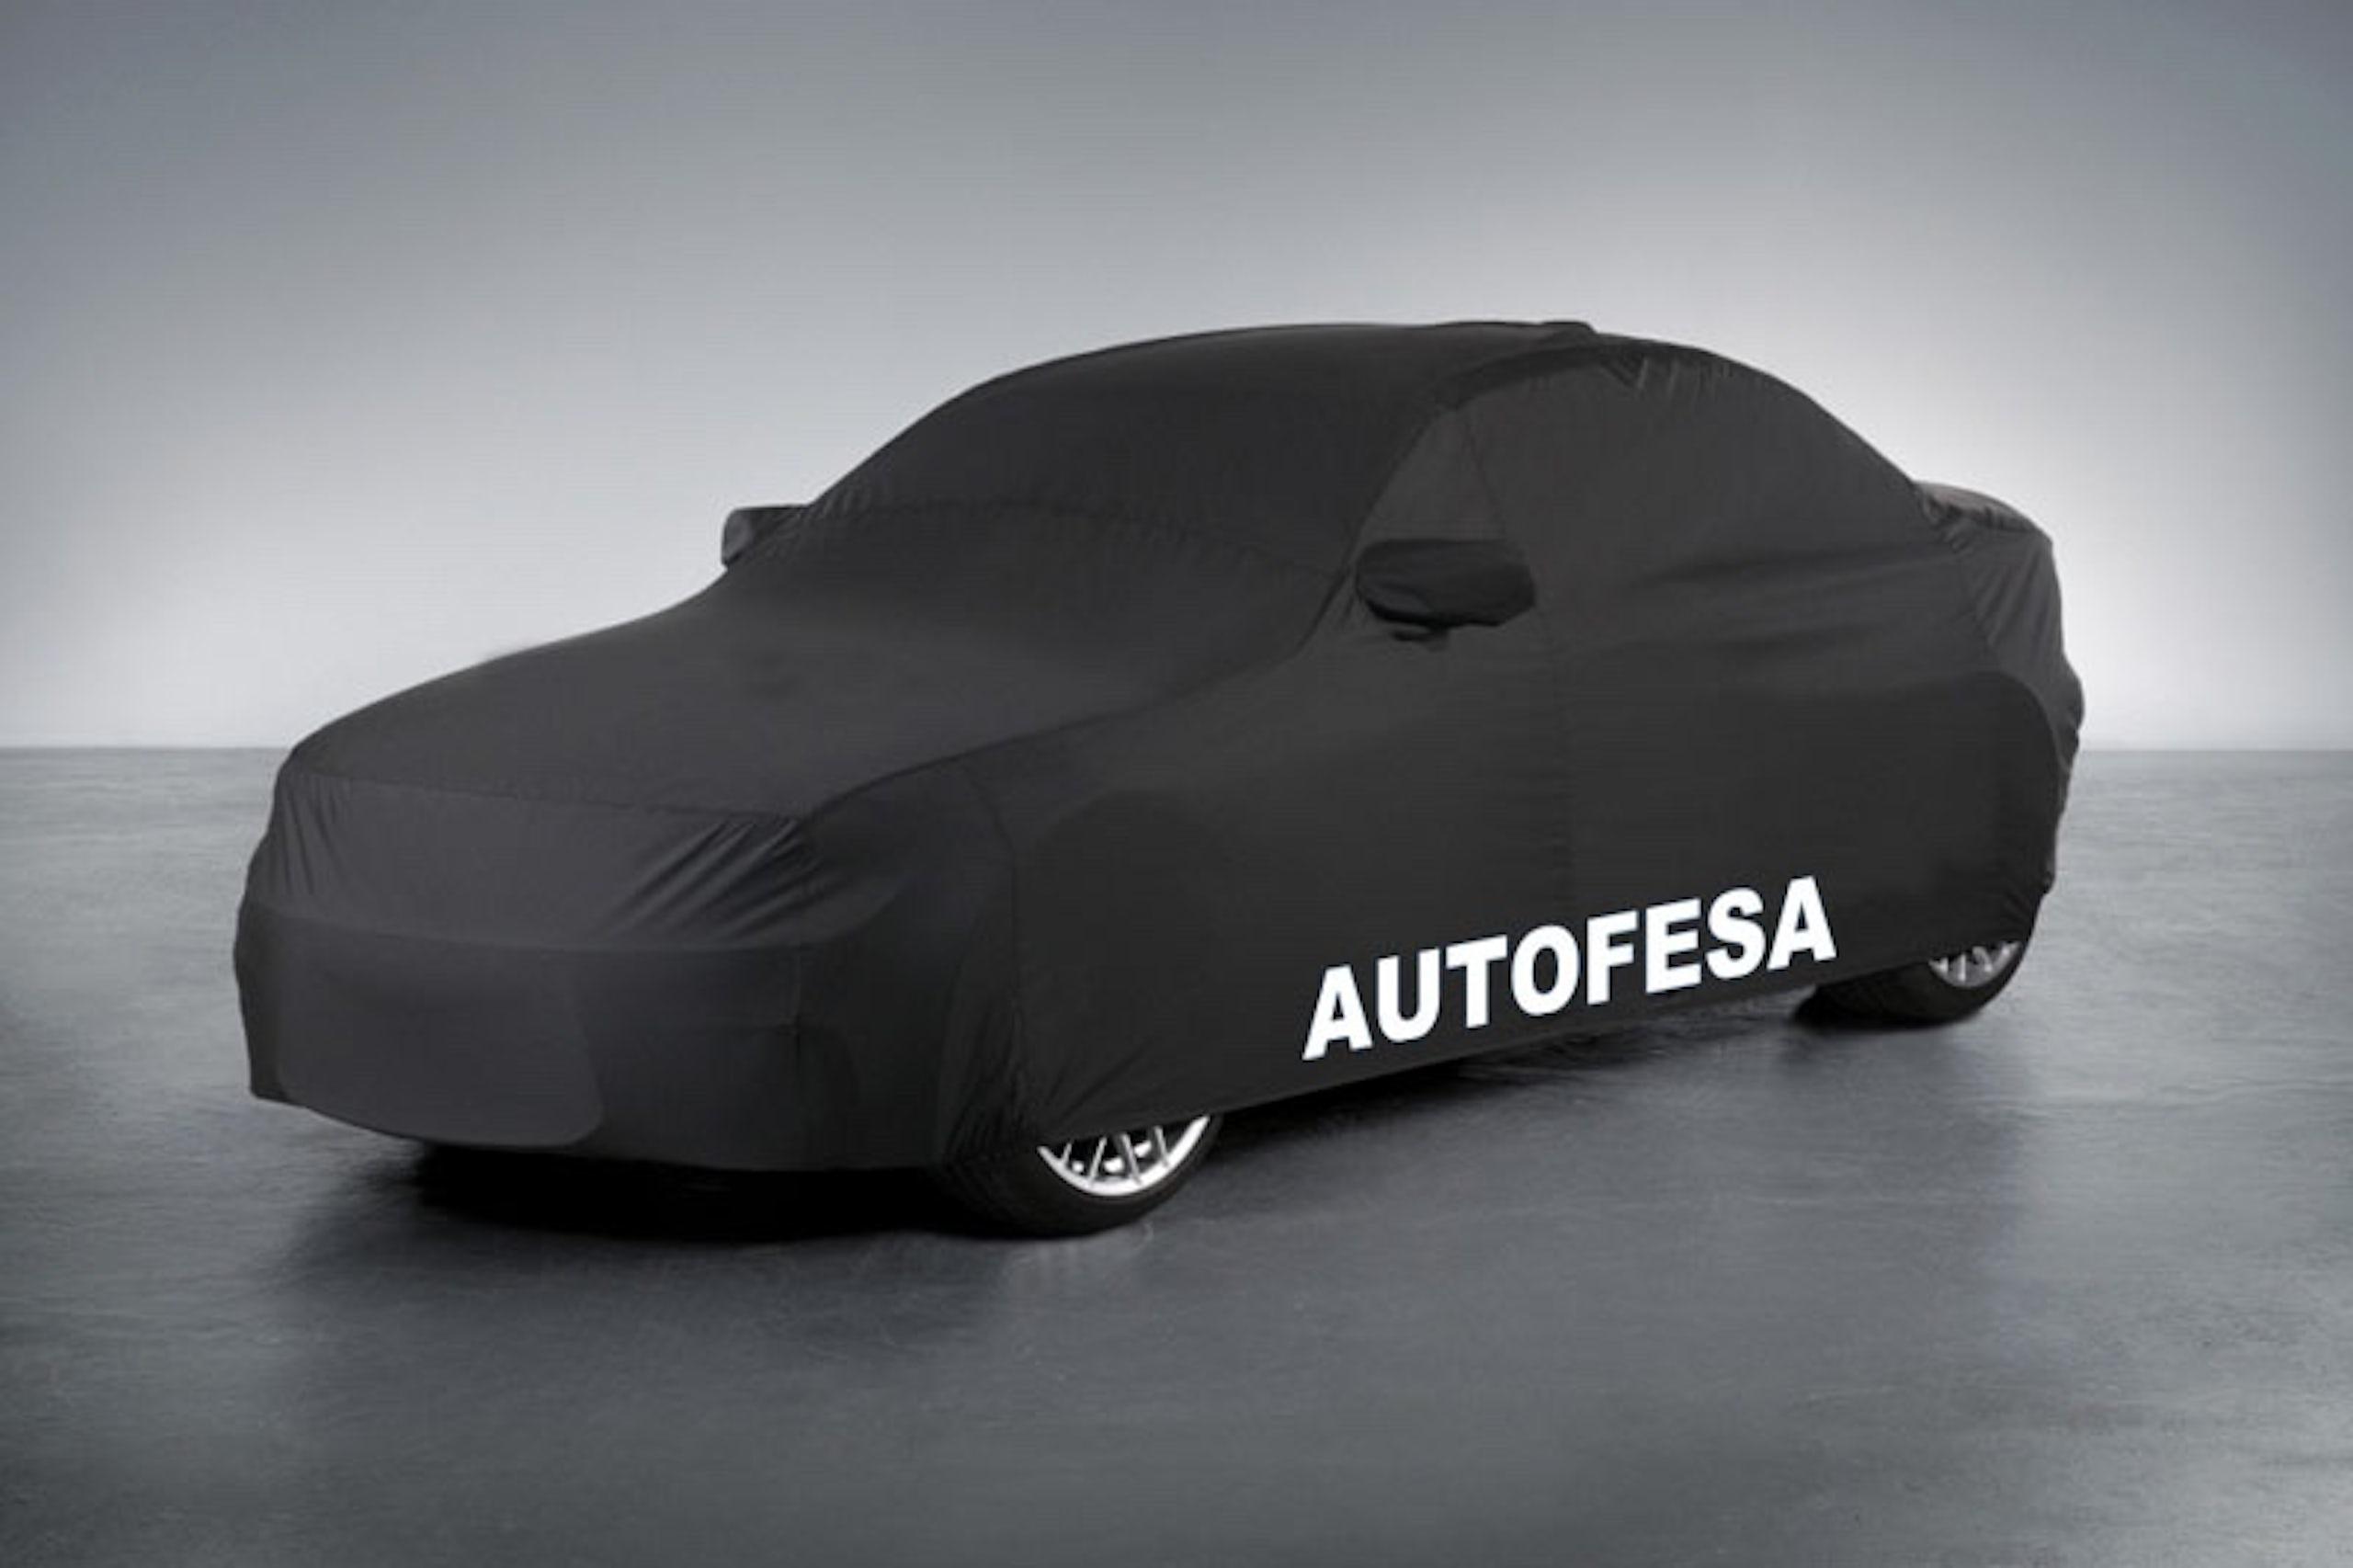 Audi A6 3.0 TDI AVANT 272cv quattro 4p S tronic Auto S/S - Foto 36